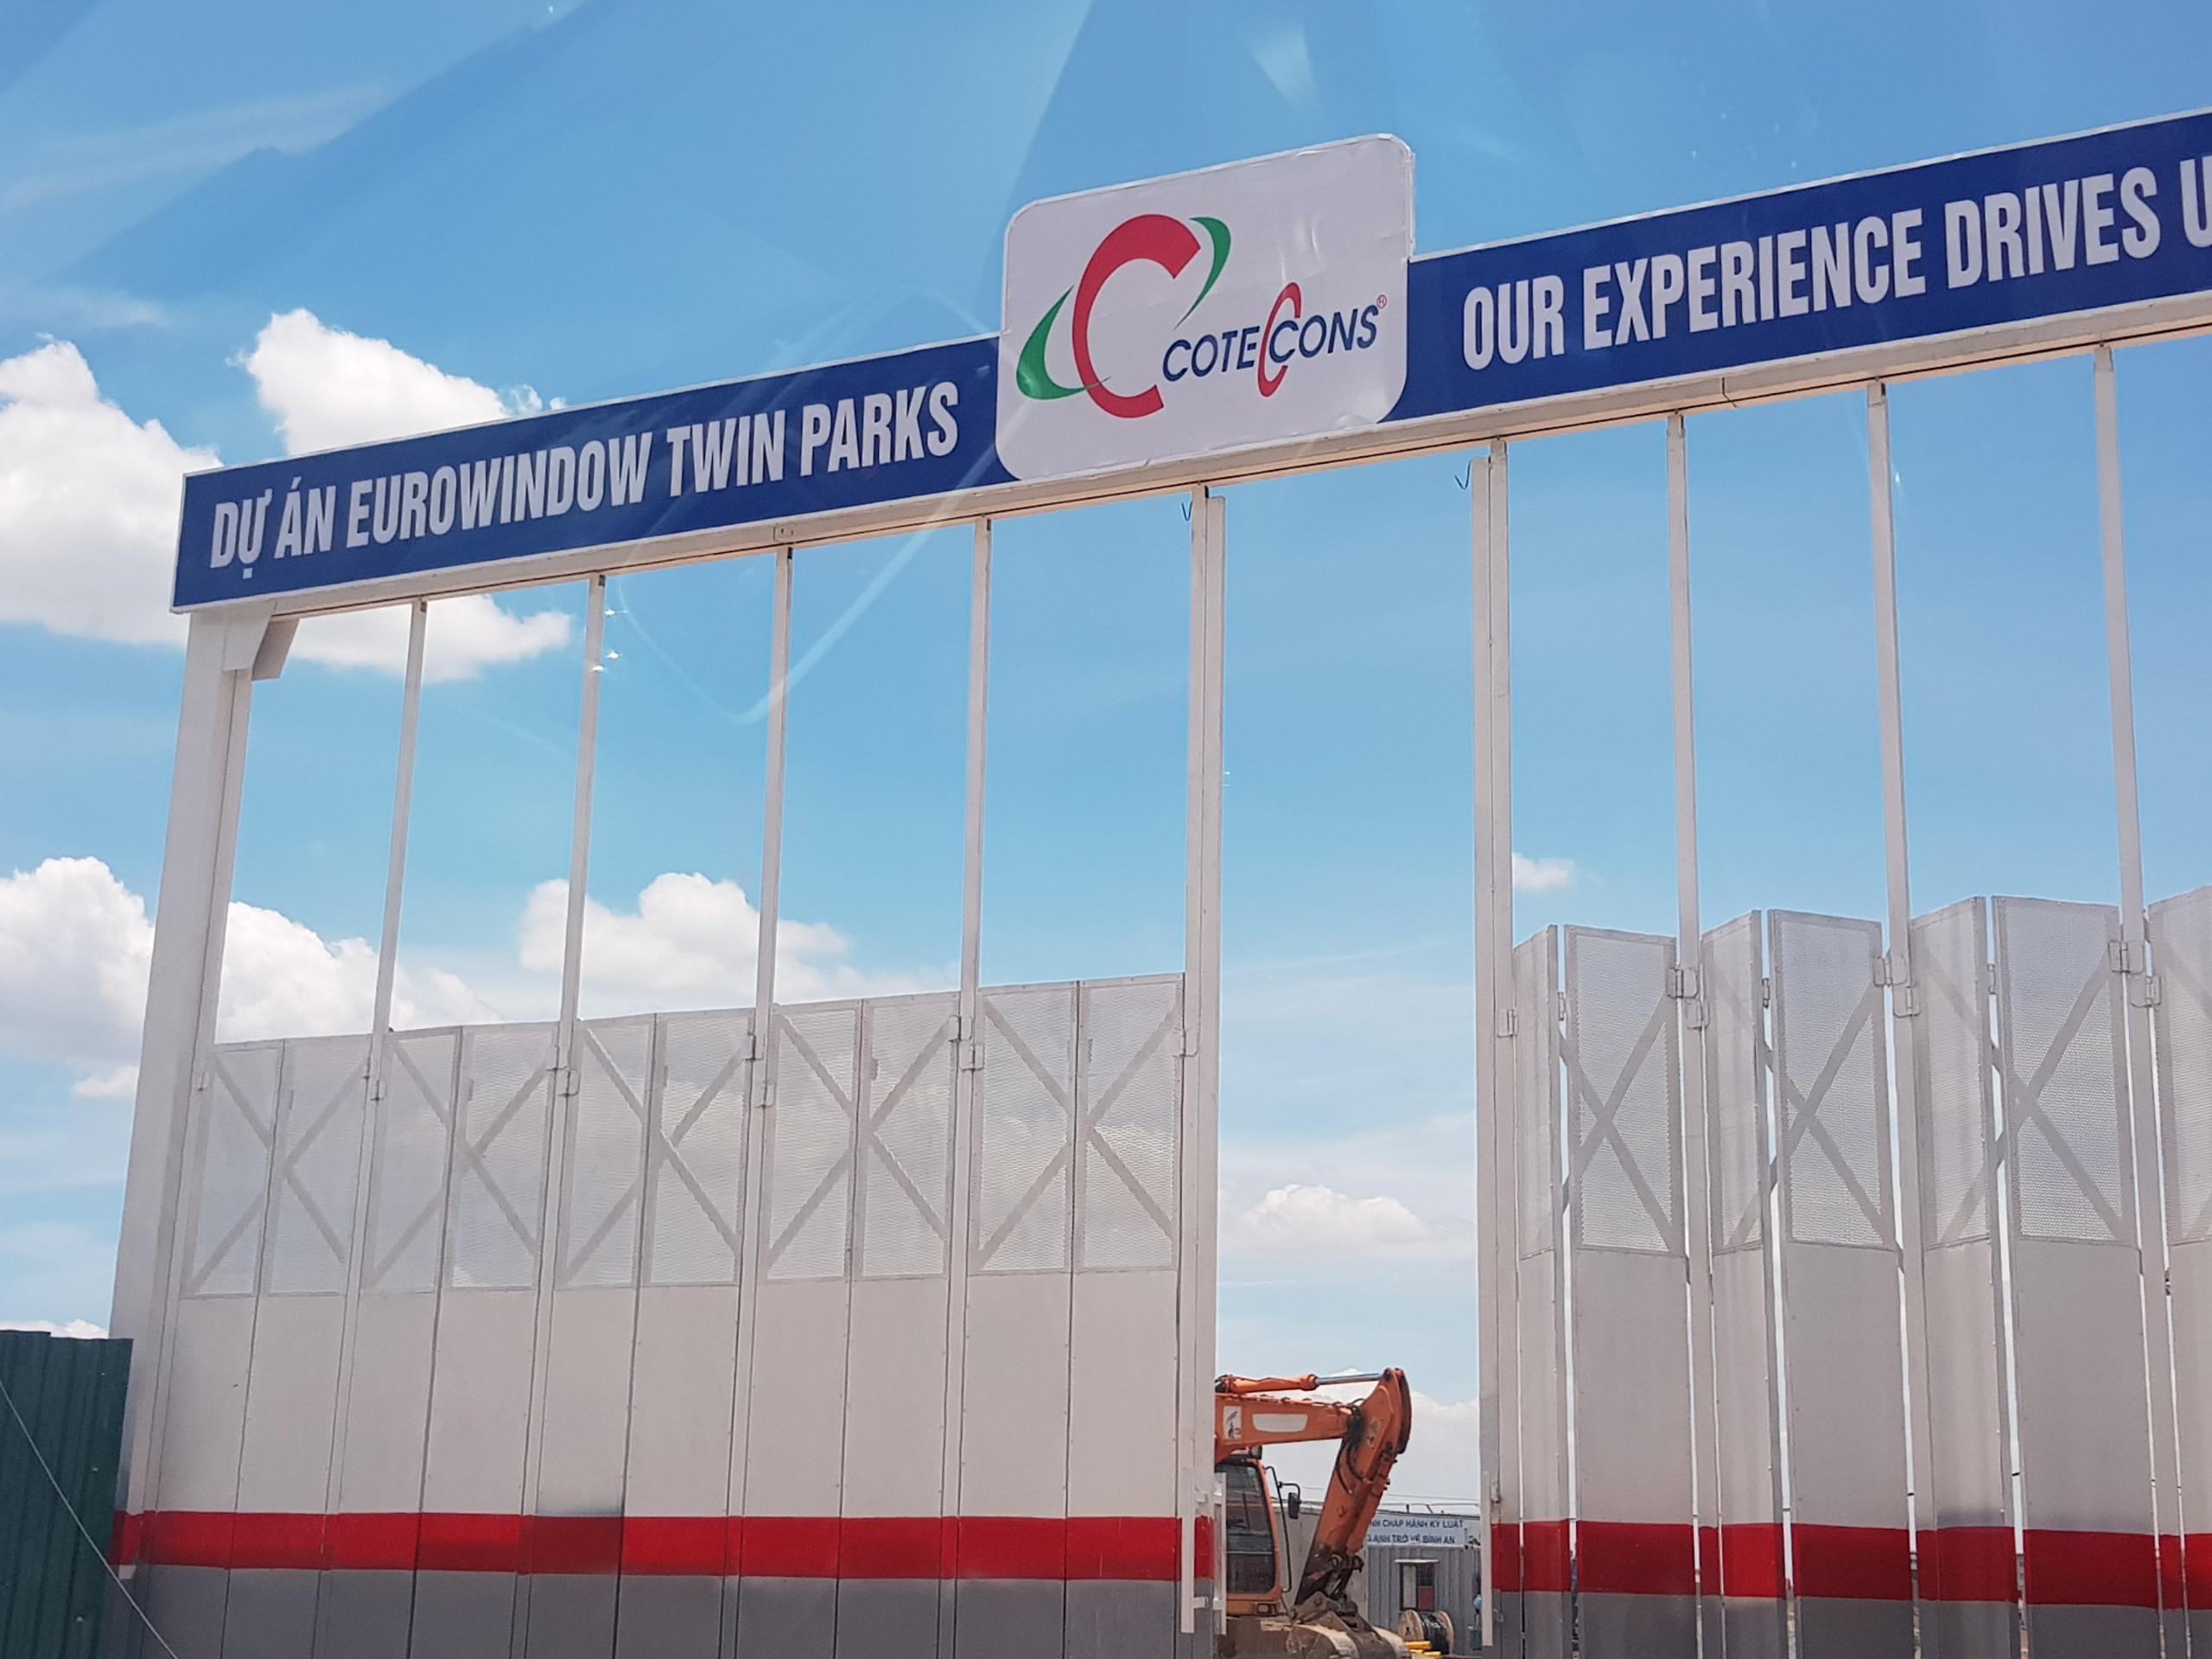 05/7/2021 Cấp phép Xây dựng và Công bố Nhà thầu Chính Eurowindow Twin Parks Gia Lâm